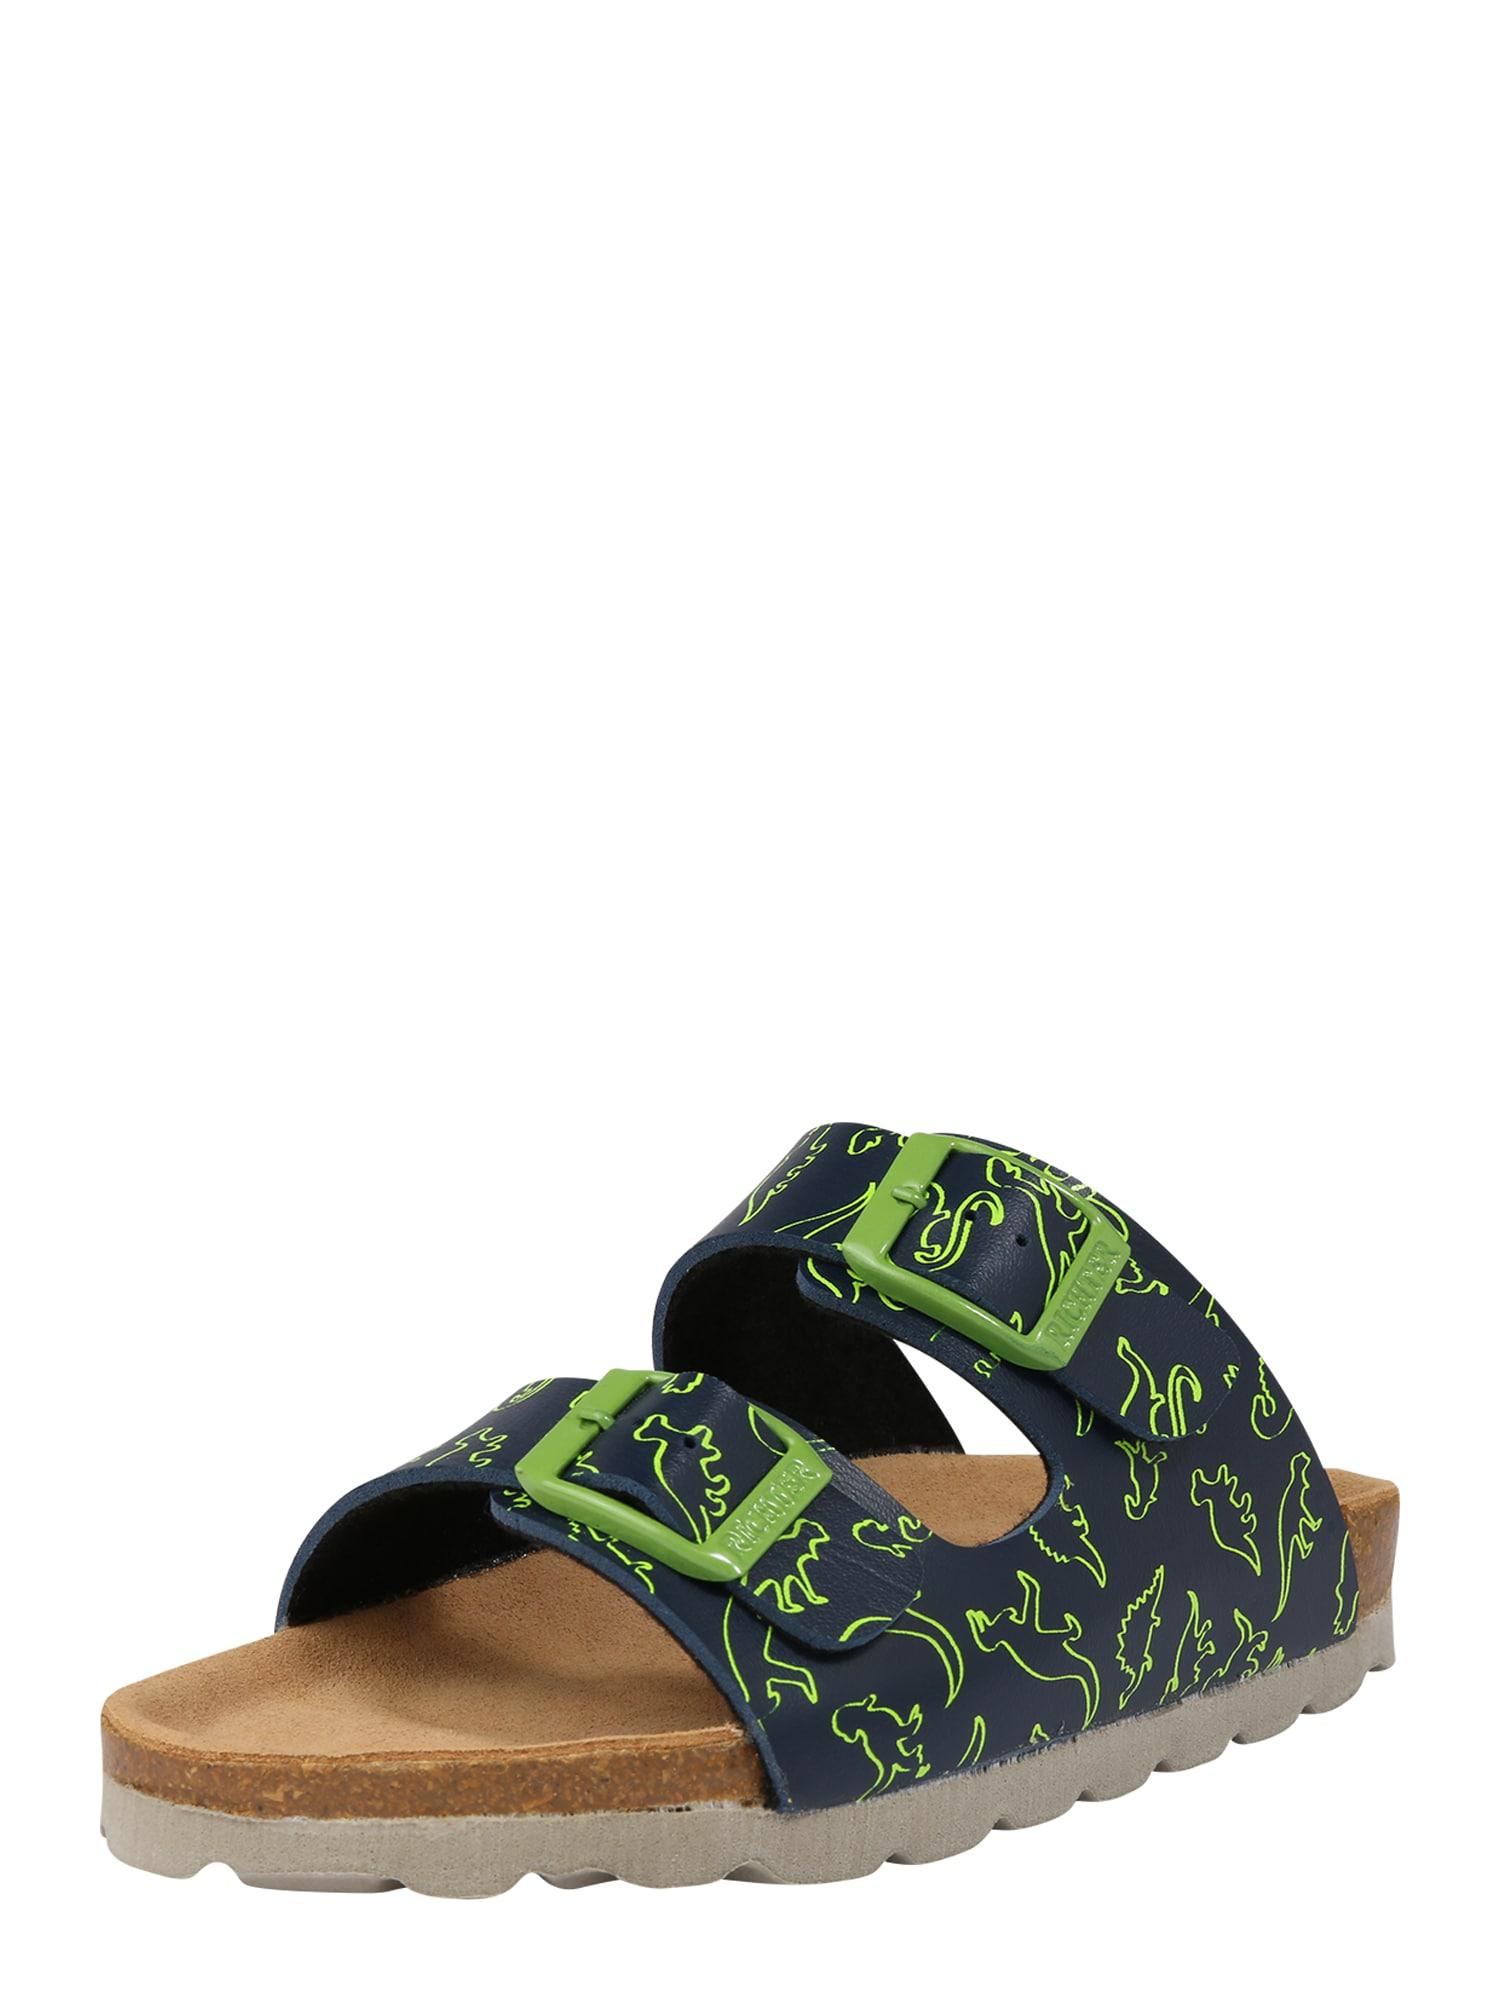 Otevřená obuv 5501 542 modrá zelená RICHTER